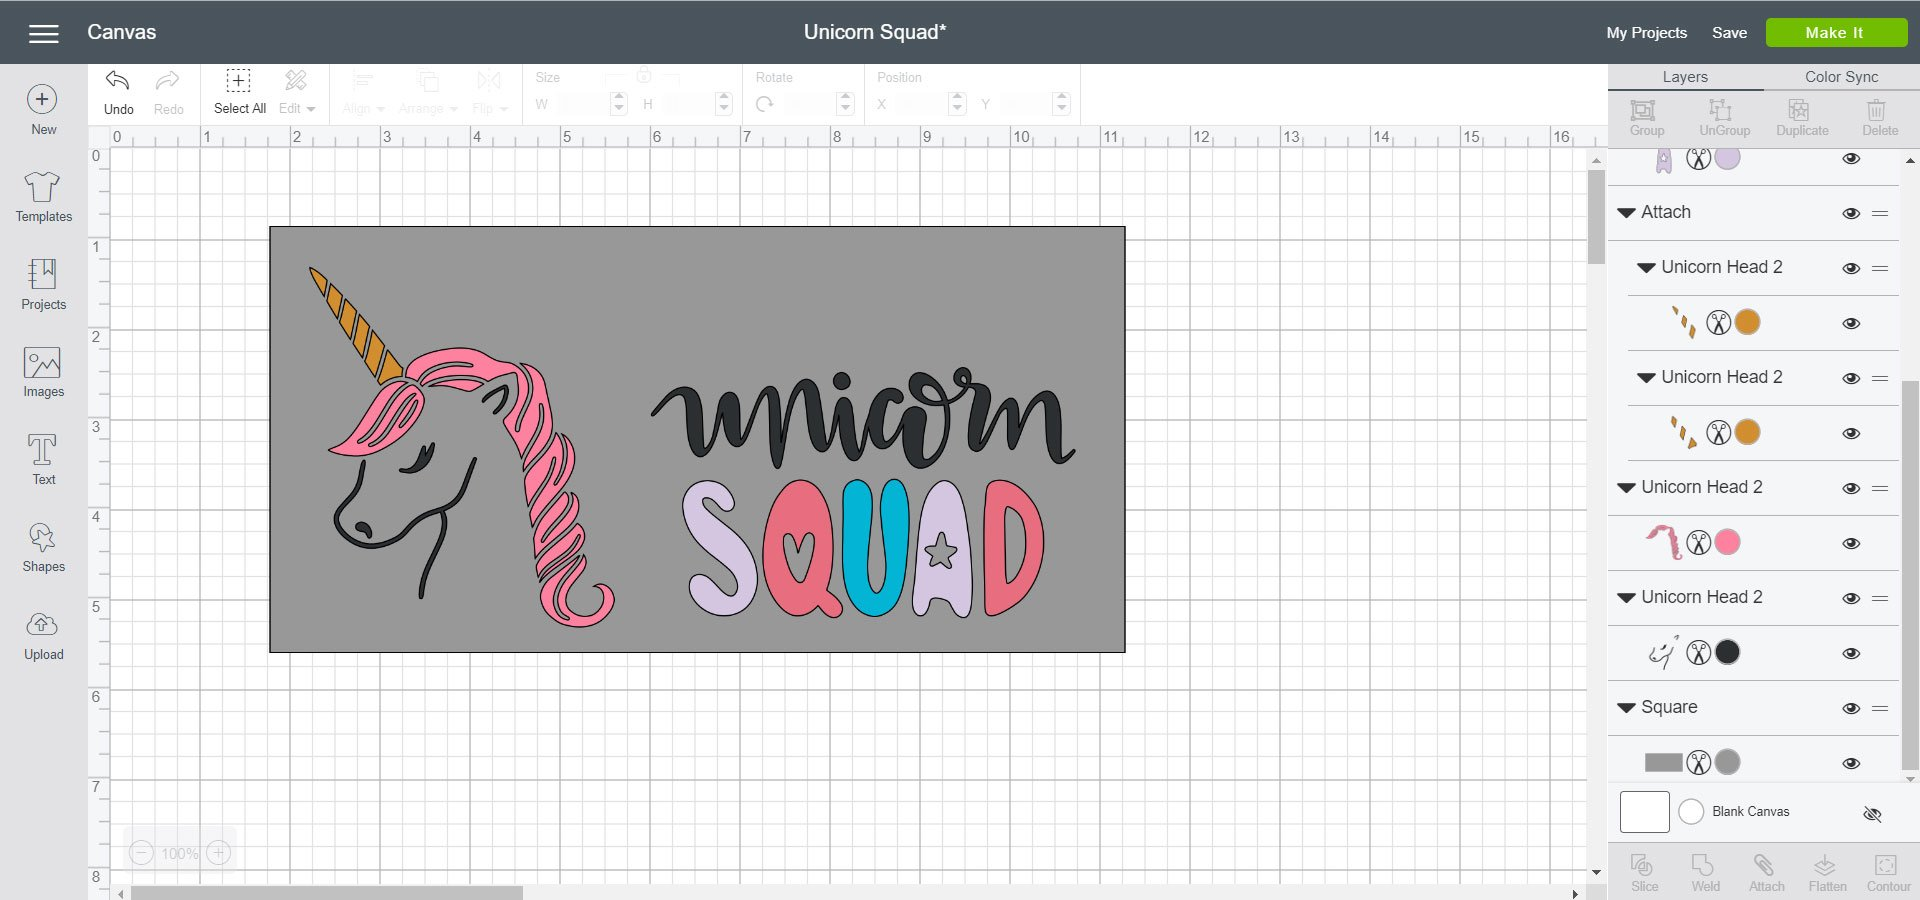 Cricut Design Space File - Unicorn Squad